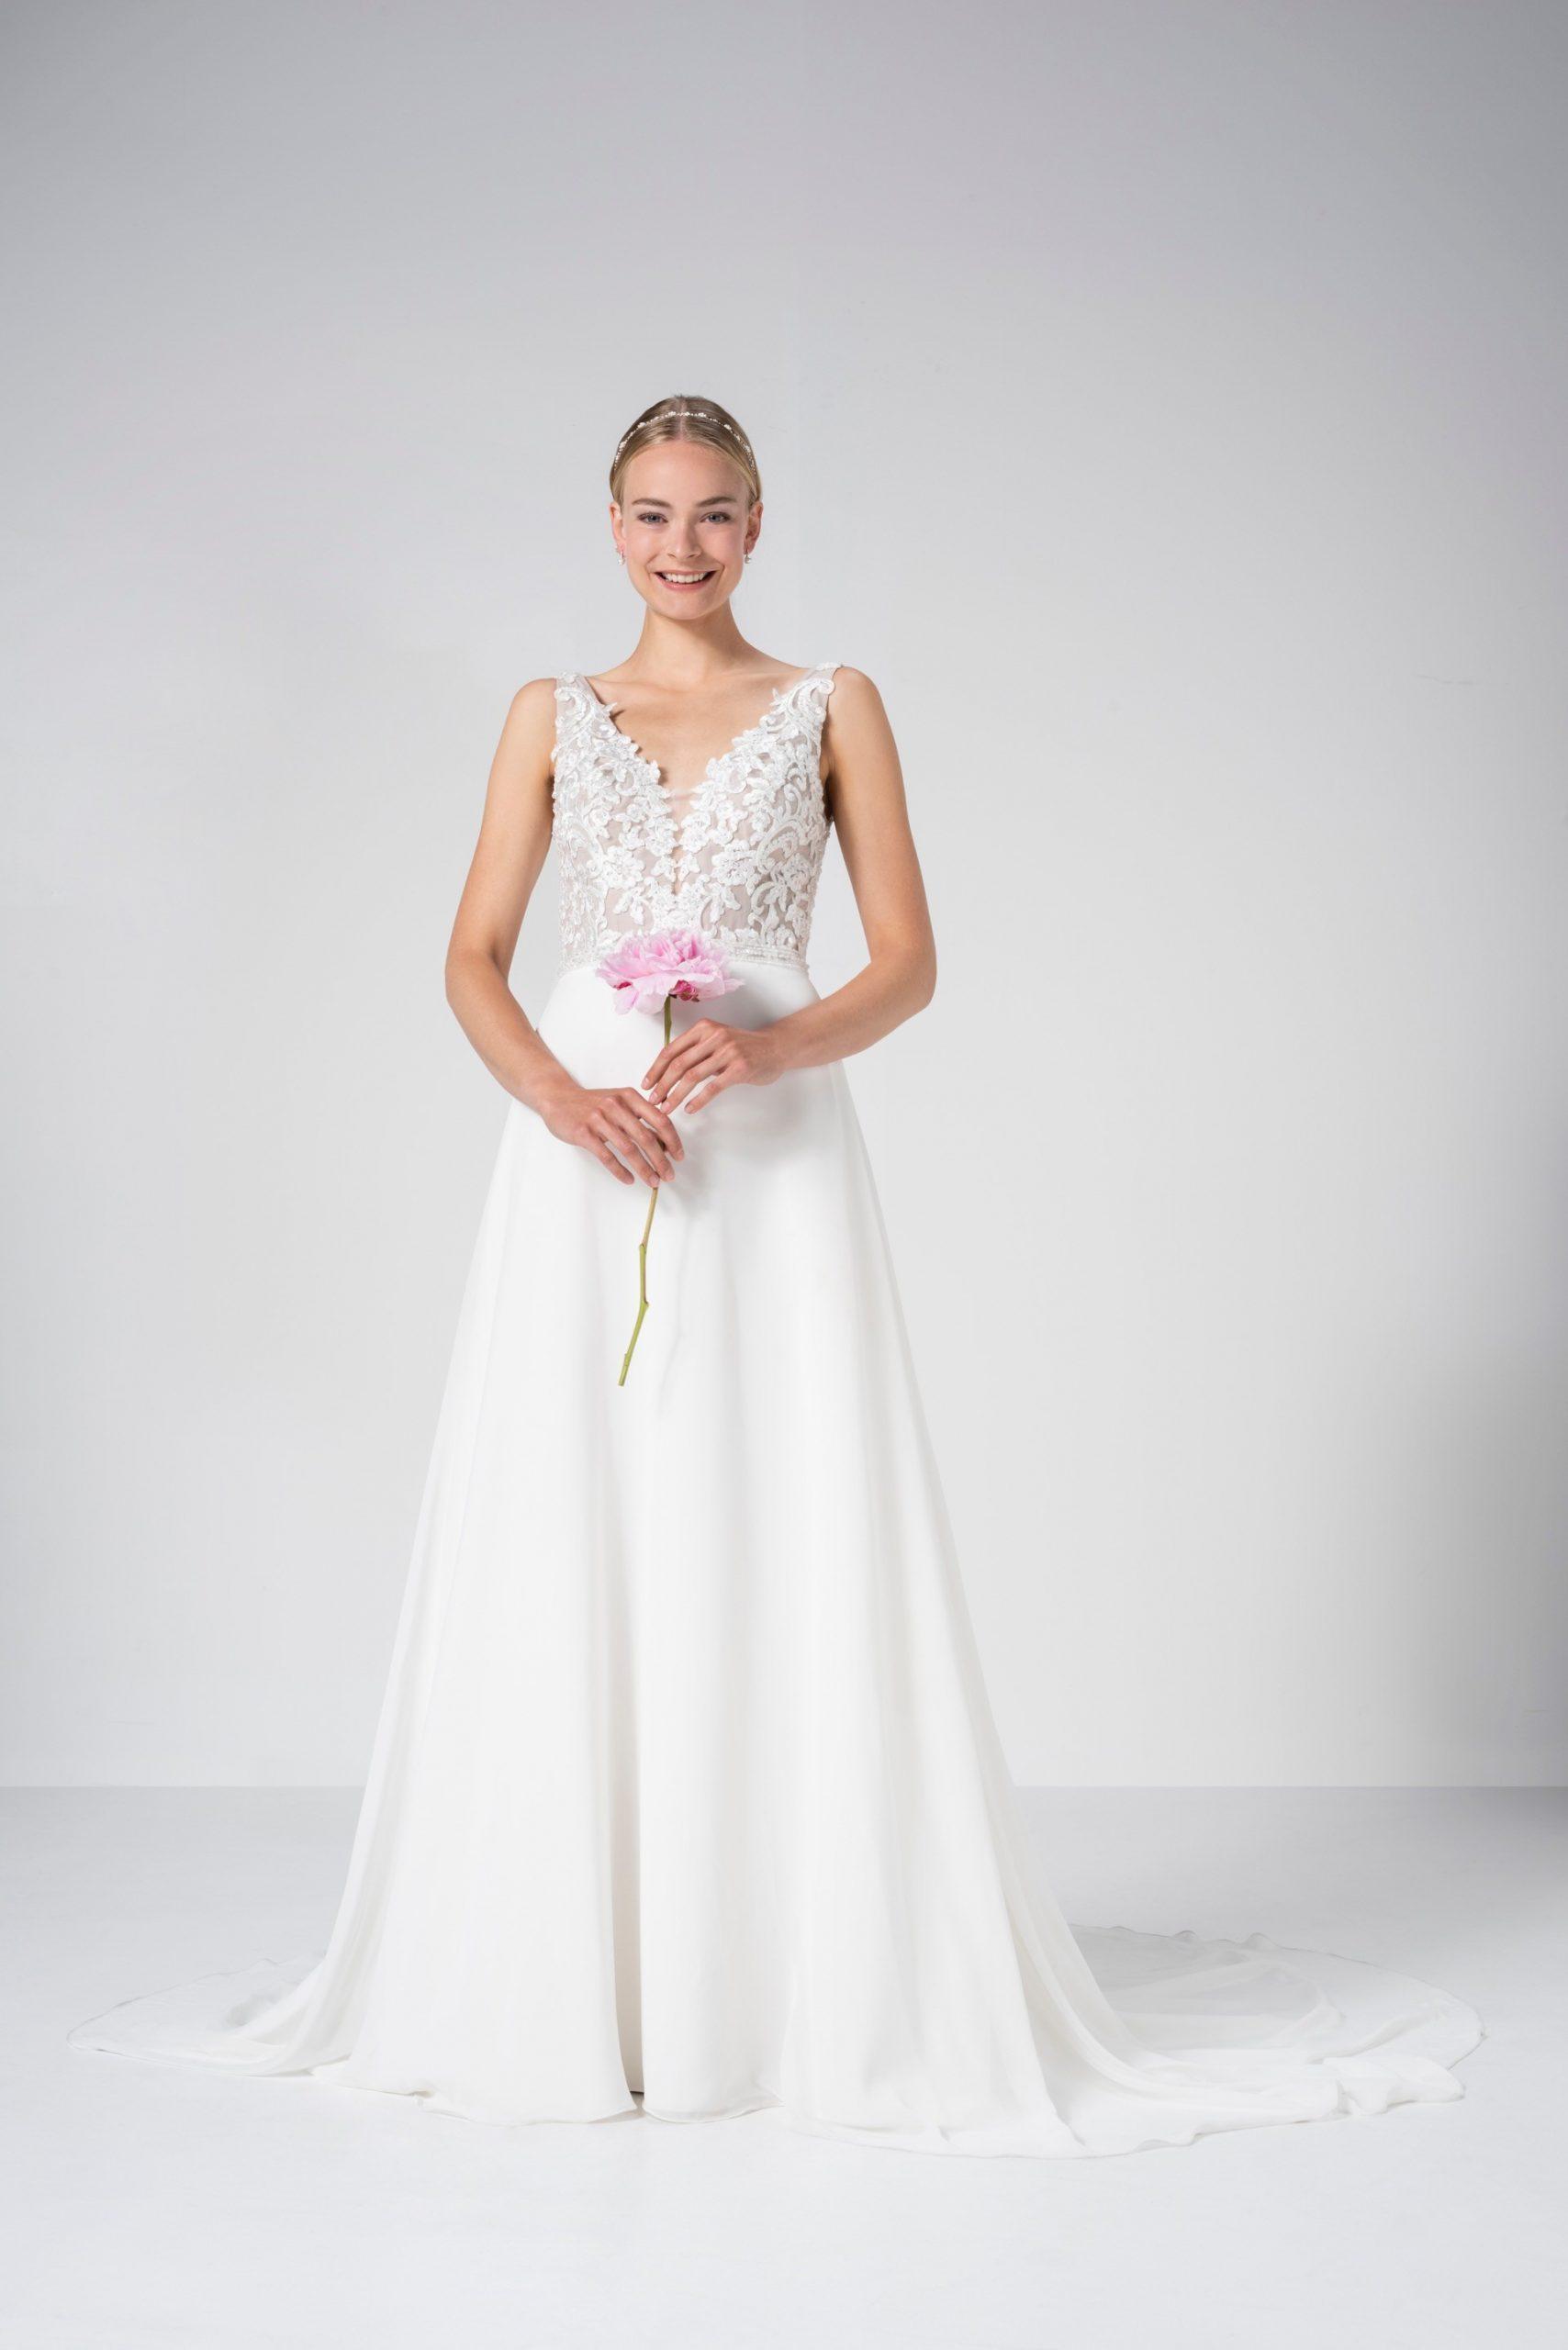 Designer Einzigartig Weise Brautkleider Spezialgebiet15 Ausgezeichnet Weise Brautkleider Vertrieb